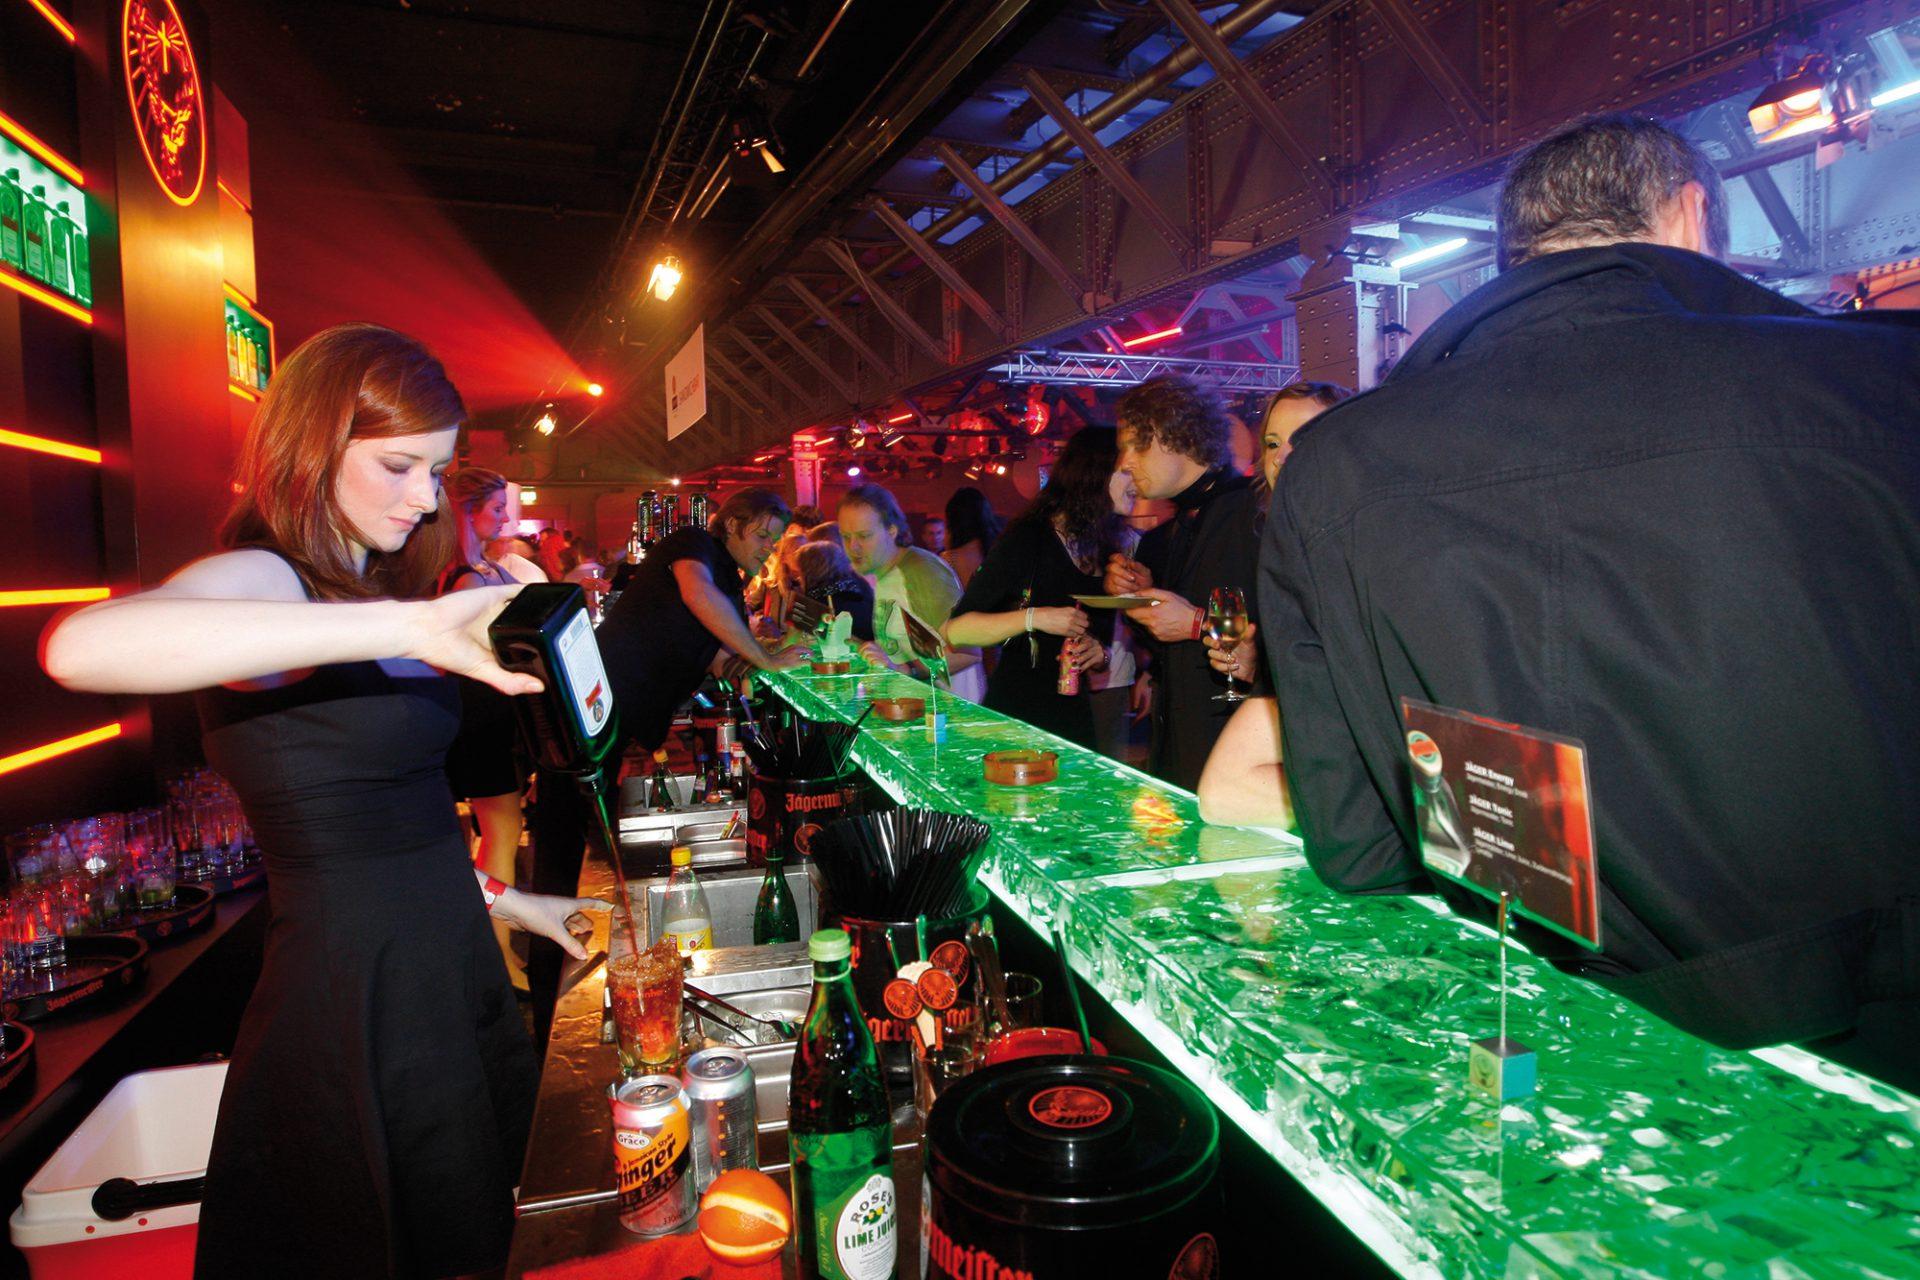 Jägermeister wird an einer Bar ausgeschenkt. Brand Design von Realgestalt